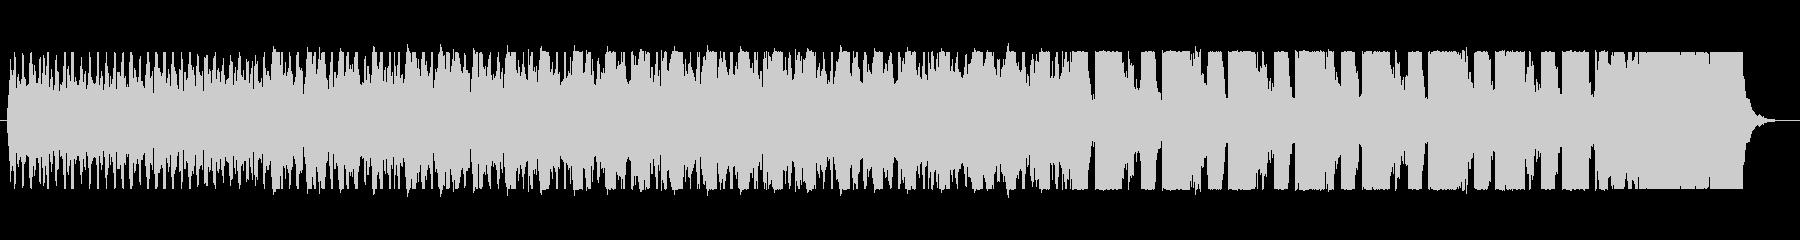 シリアスな場面をイメージの未再生の波形